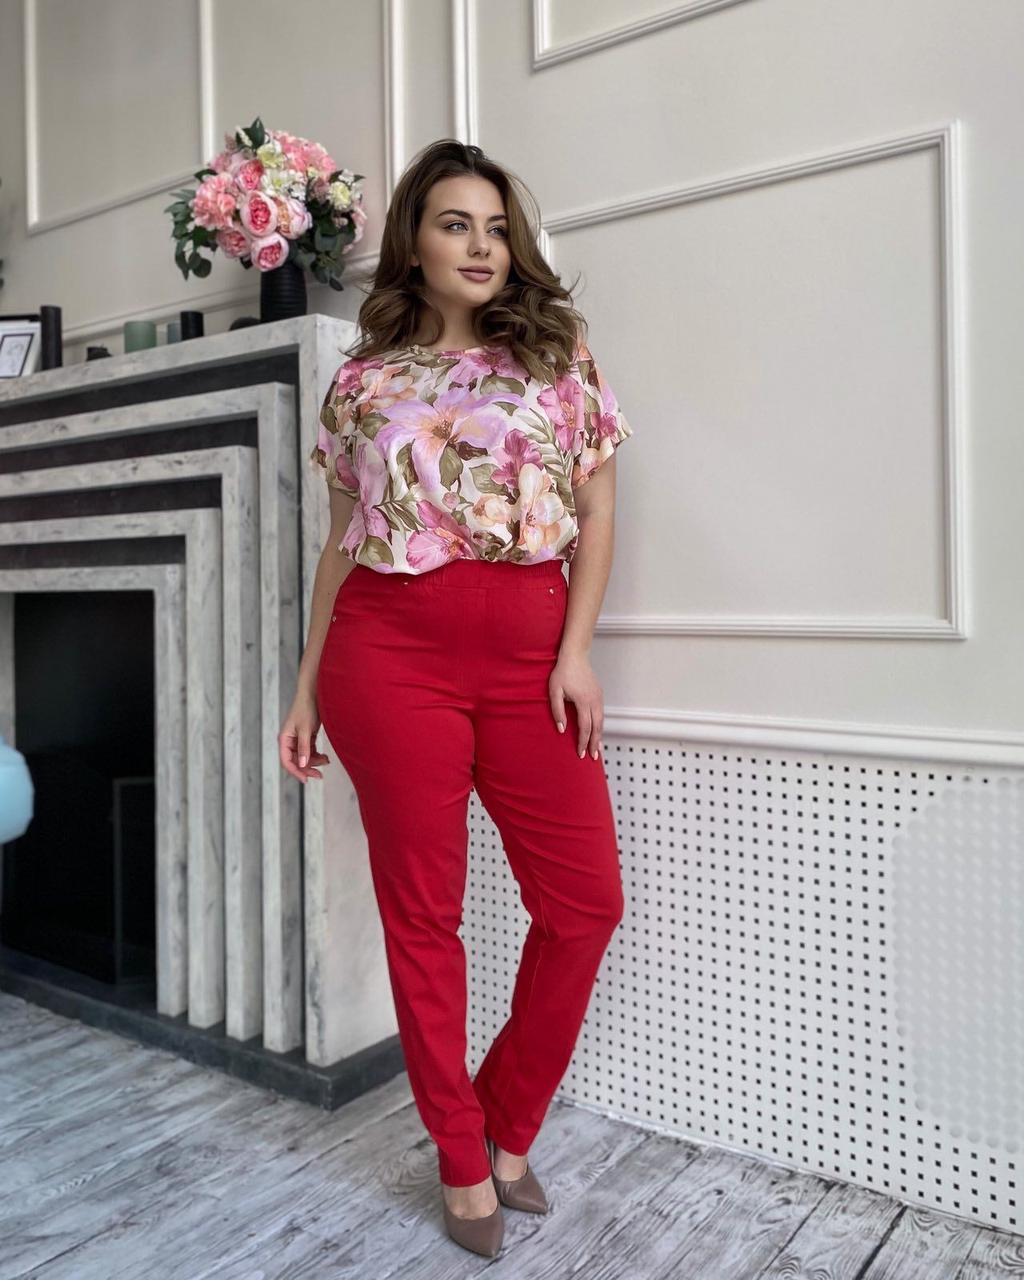 Штани жіночі, колір: Червоний, розмір: 50-52, 54-56, 58-60, 62-64, 66-68